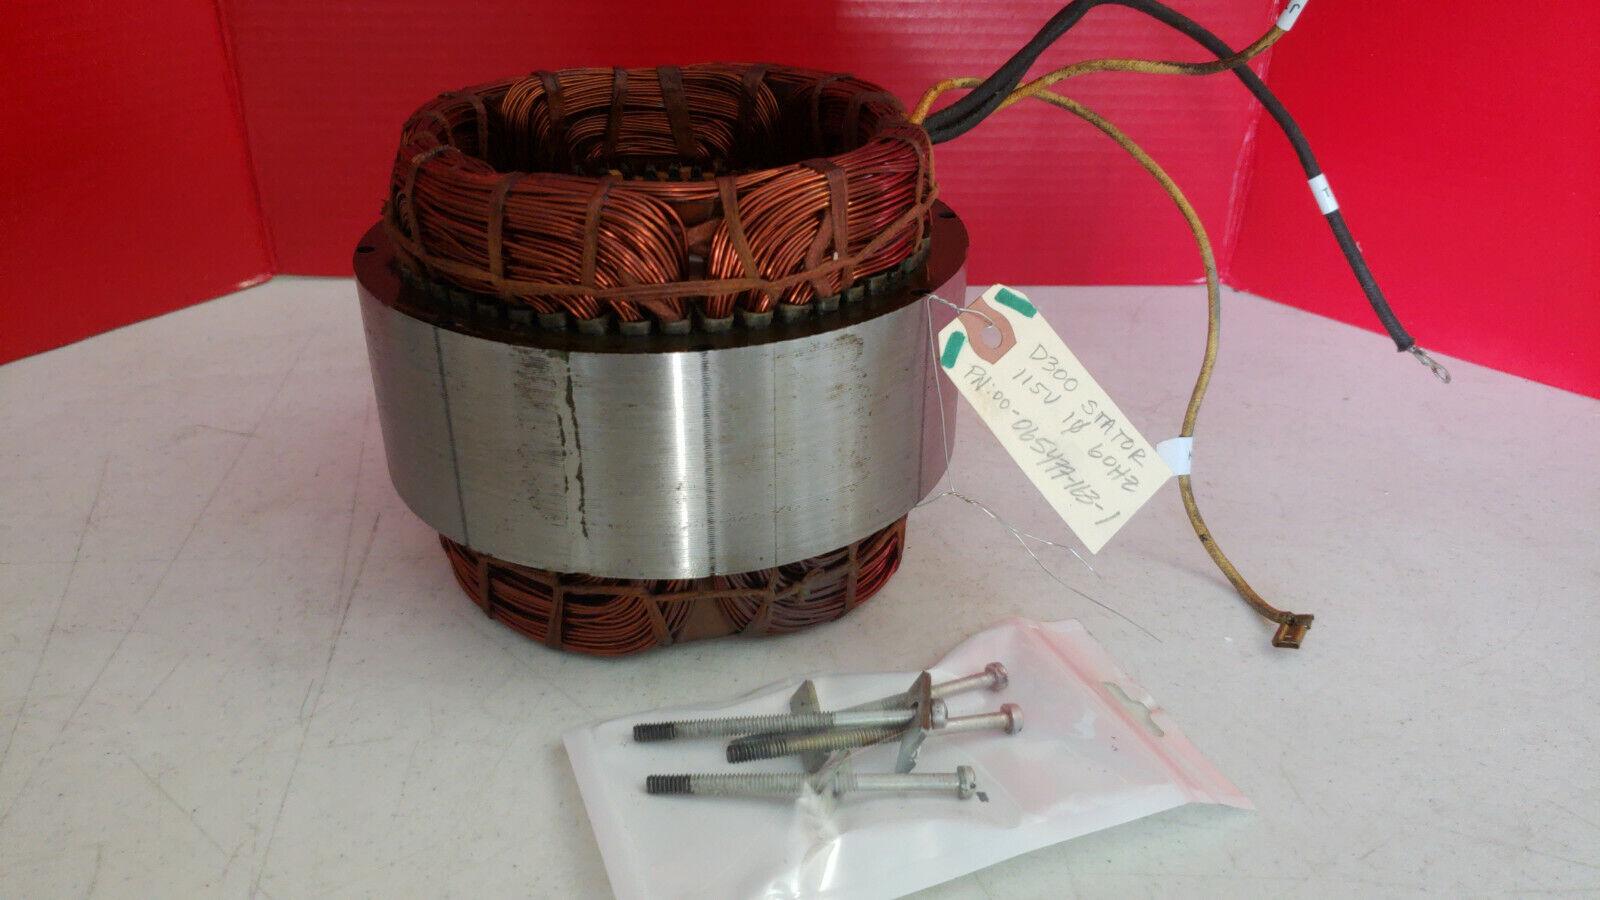 1 pc SR301TR SMD Trimmkondensator 8-30pF  100VDC grün  3,2x4,5x1,5mm  NEW #BP